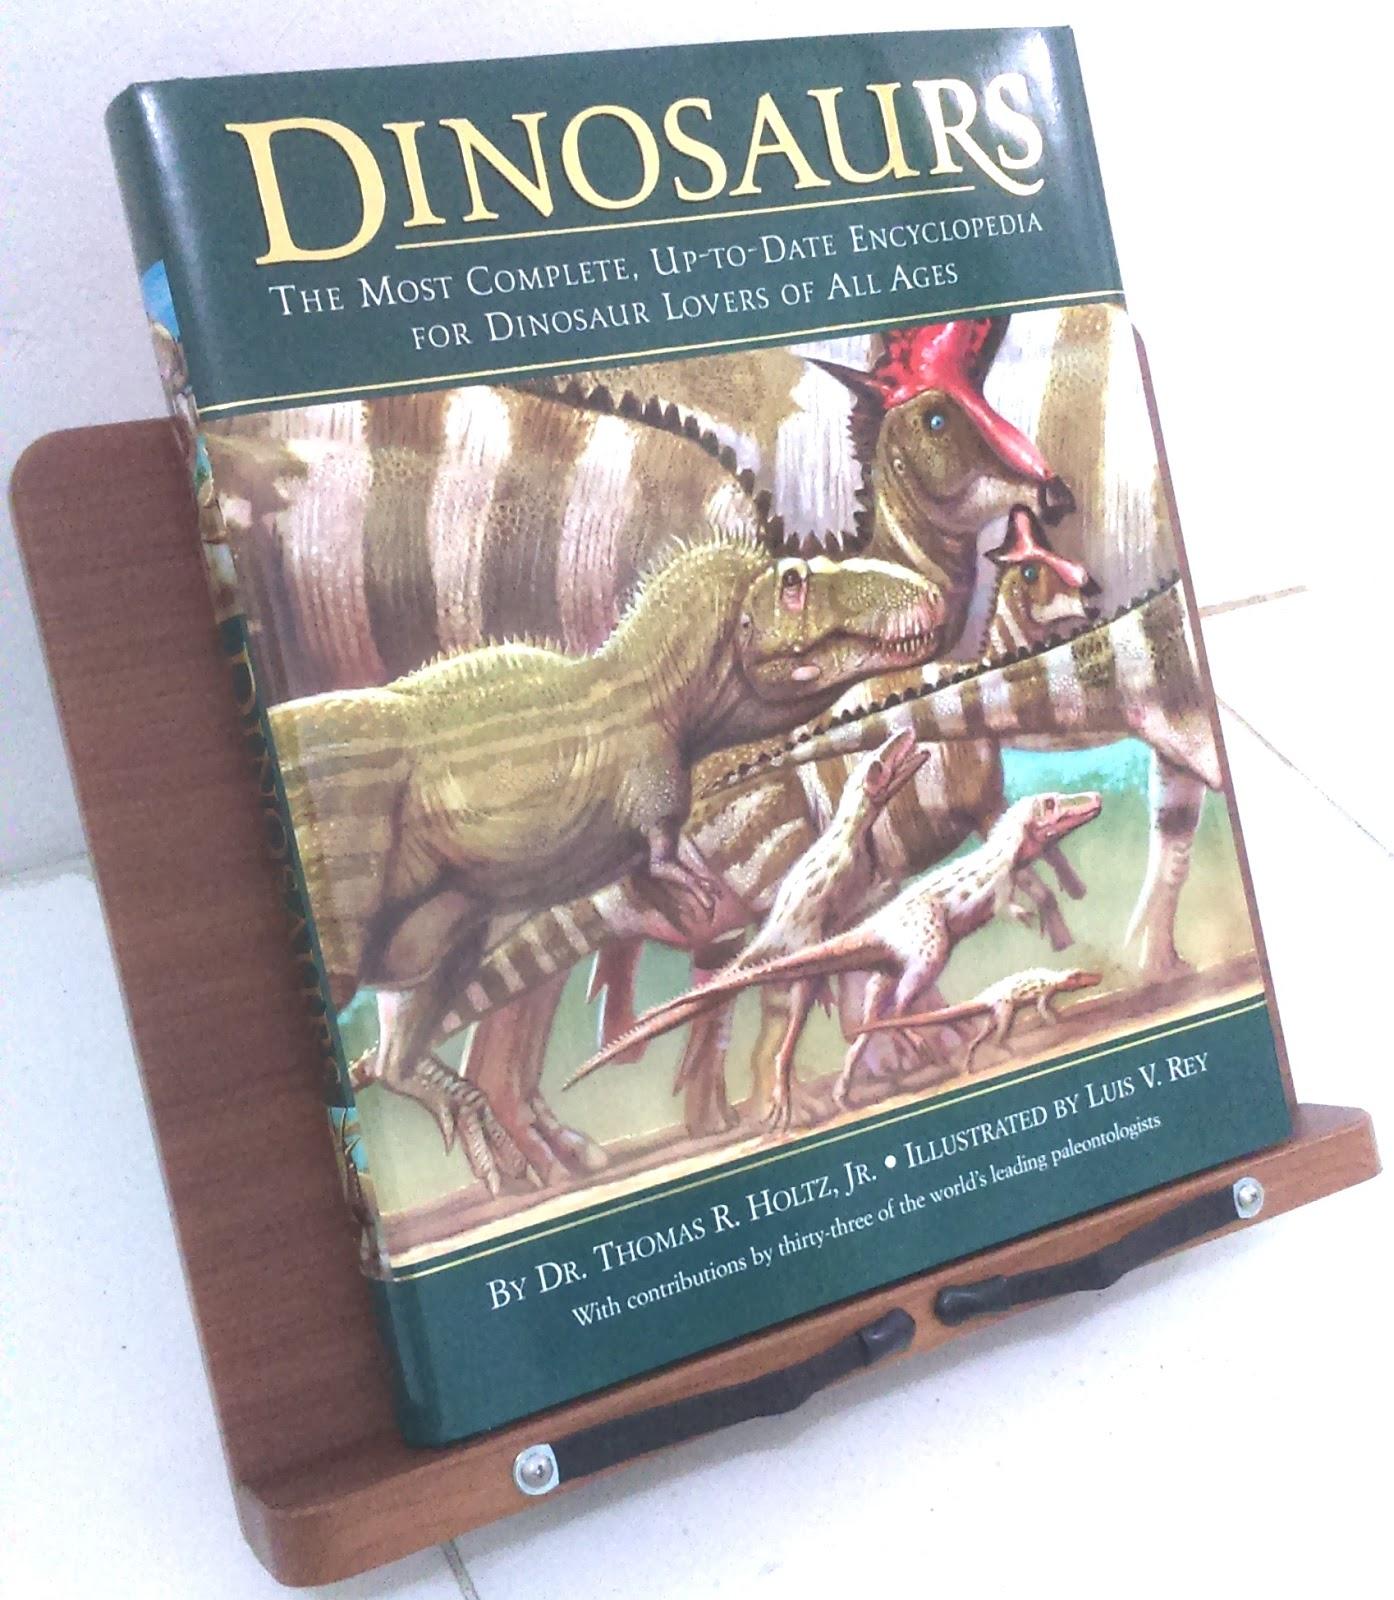 Những cuốn sách về khủng long khiến trẻ em mê tít (Ảnh: Klinsman Hinjaya's Blog)